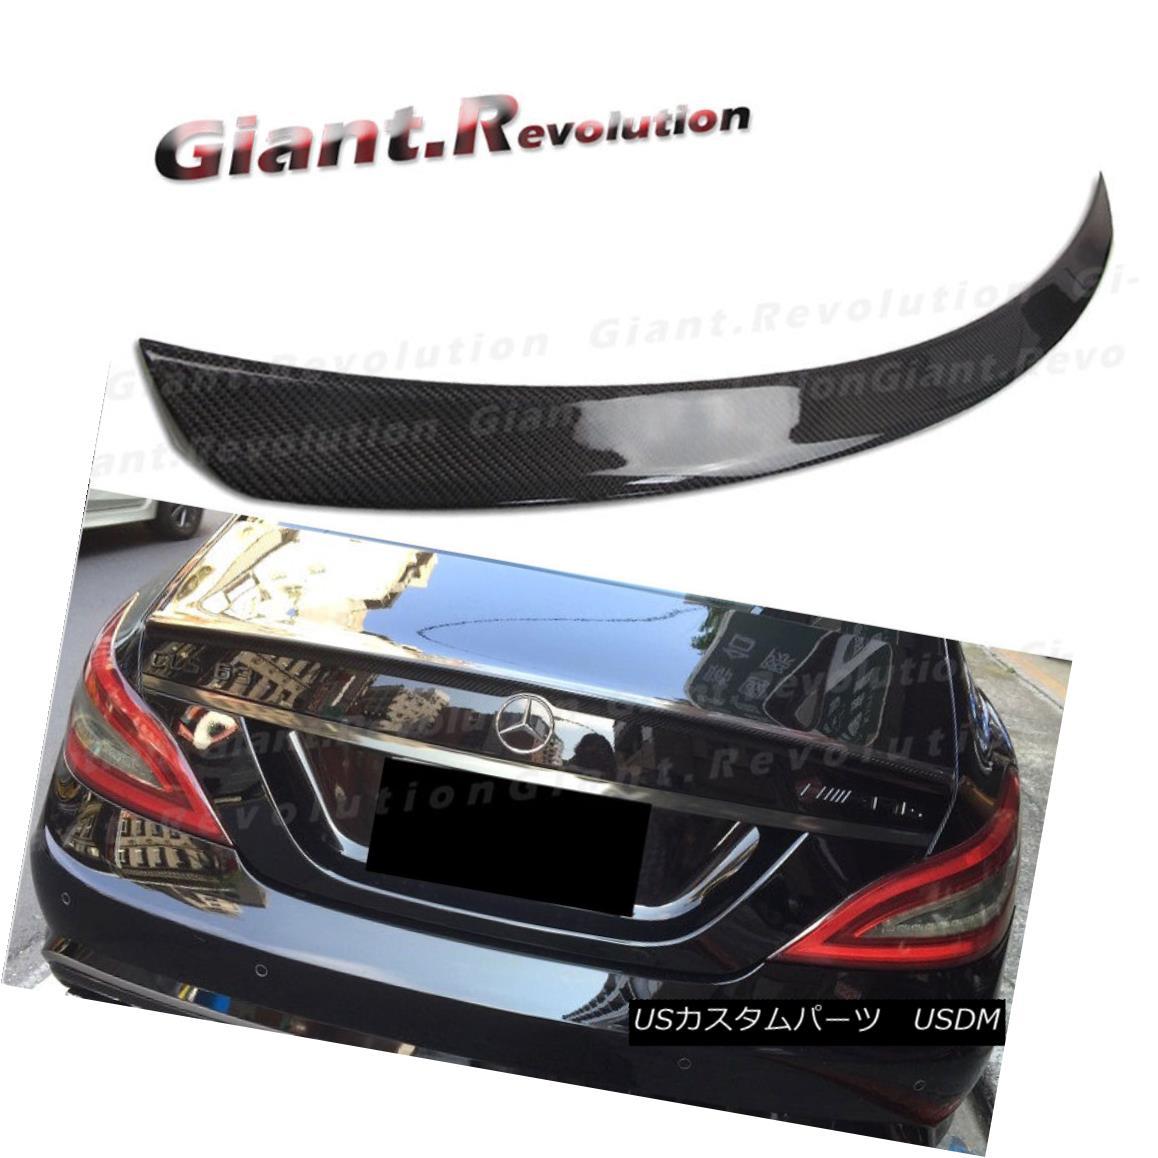 エアロパーツ For Benz 11-16 W218 CLS500 CLS350 4DR Carbon Fiber A Look Rear Trunk Spoiler Lid ベンツ11-16 W218 CLS500 CLS350 4DR炭素繊維ルックリアトランク・スポイラー・リッド